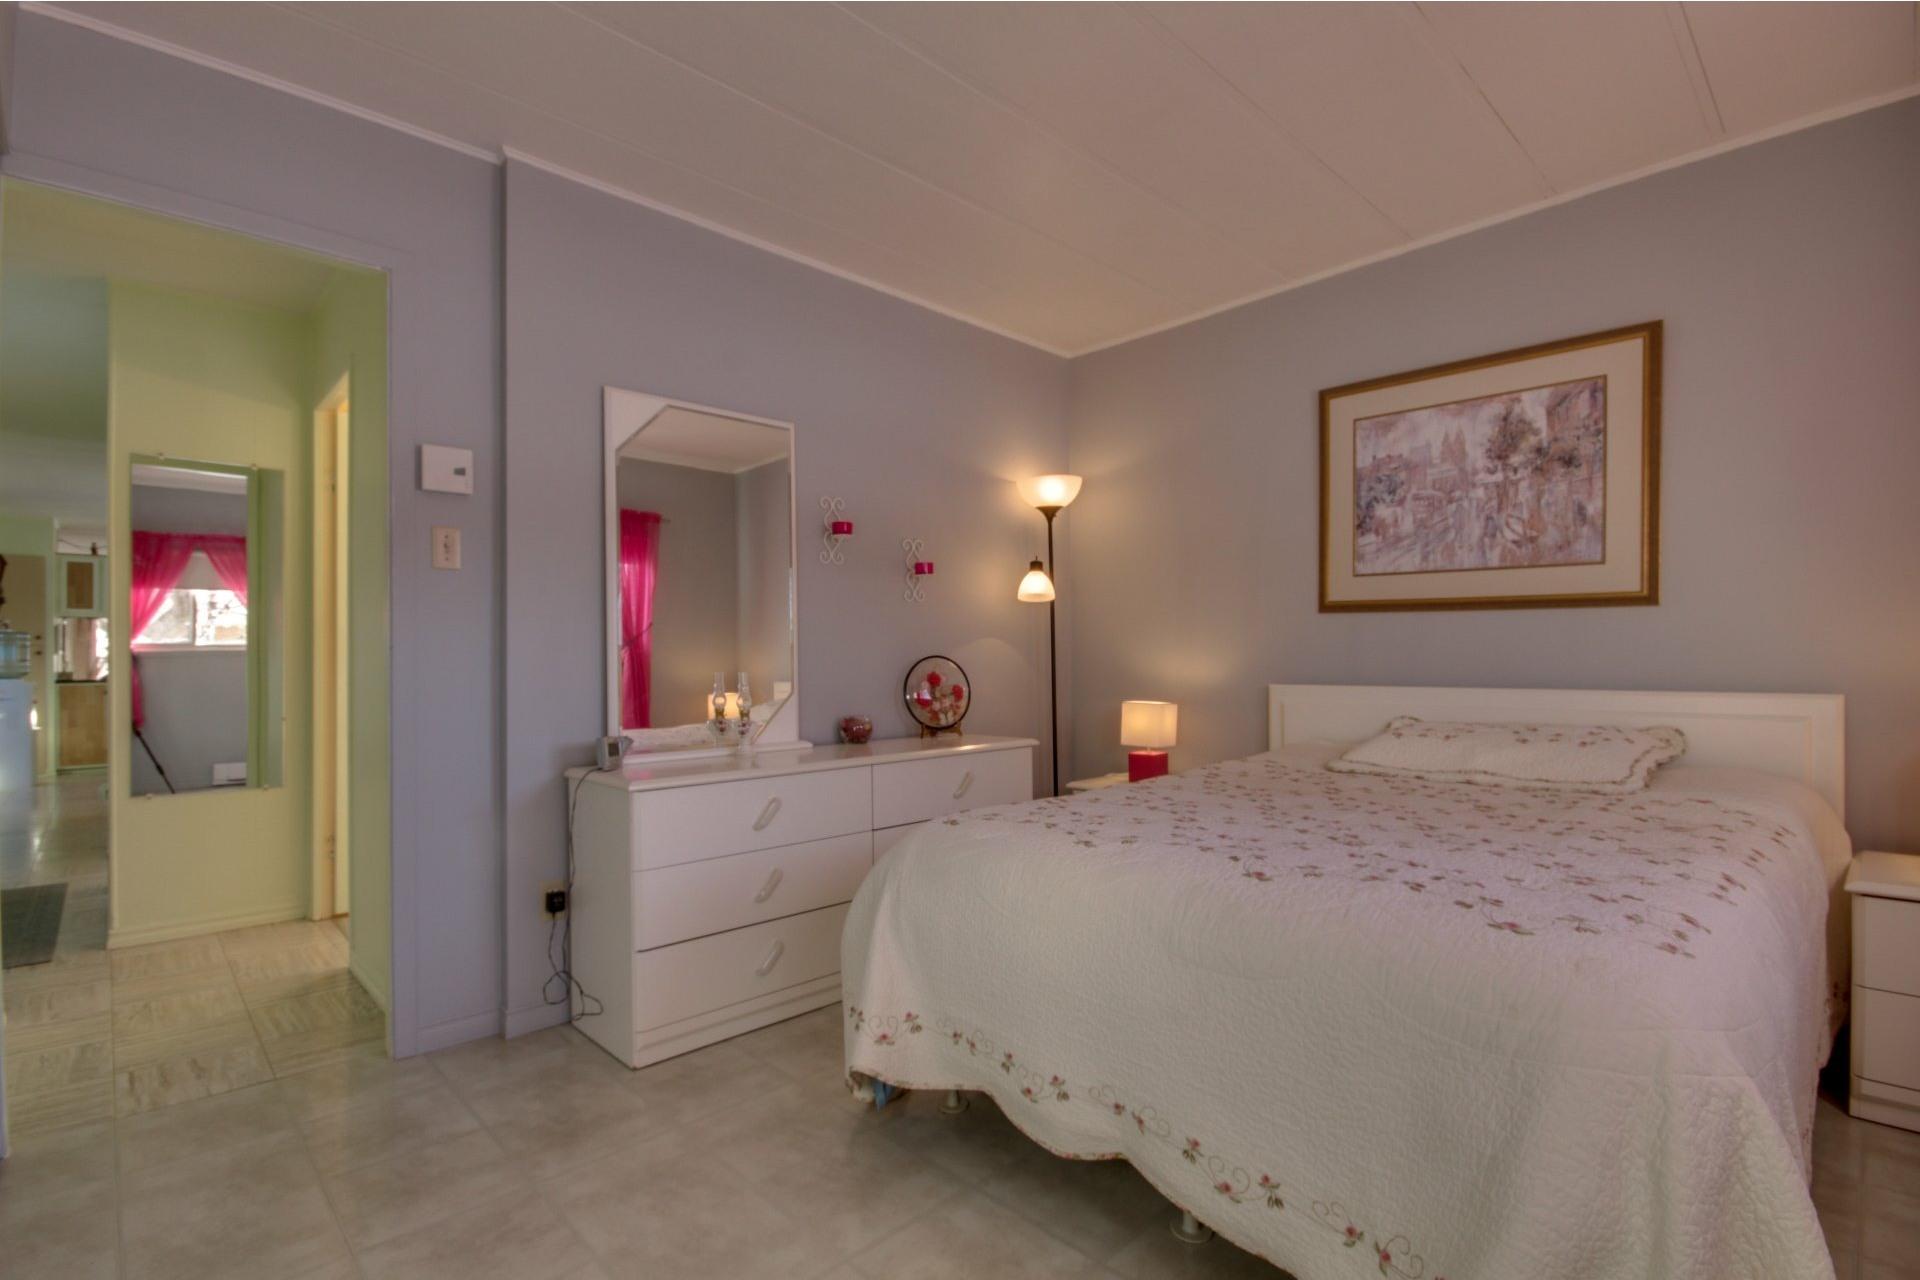 image 13 - House For sale Saint-Pierre-les-Becquets - 6 rooms